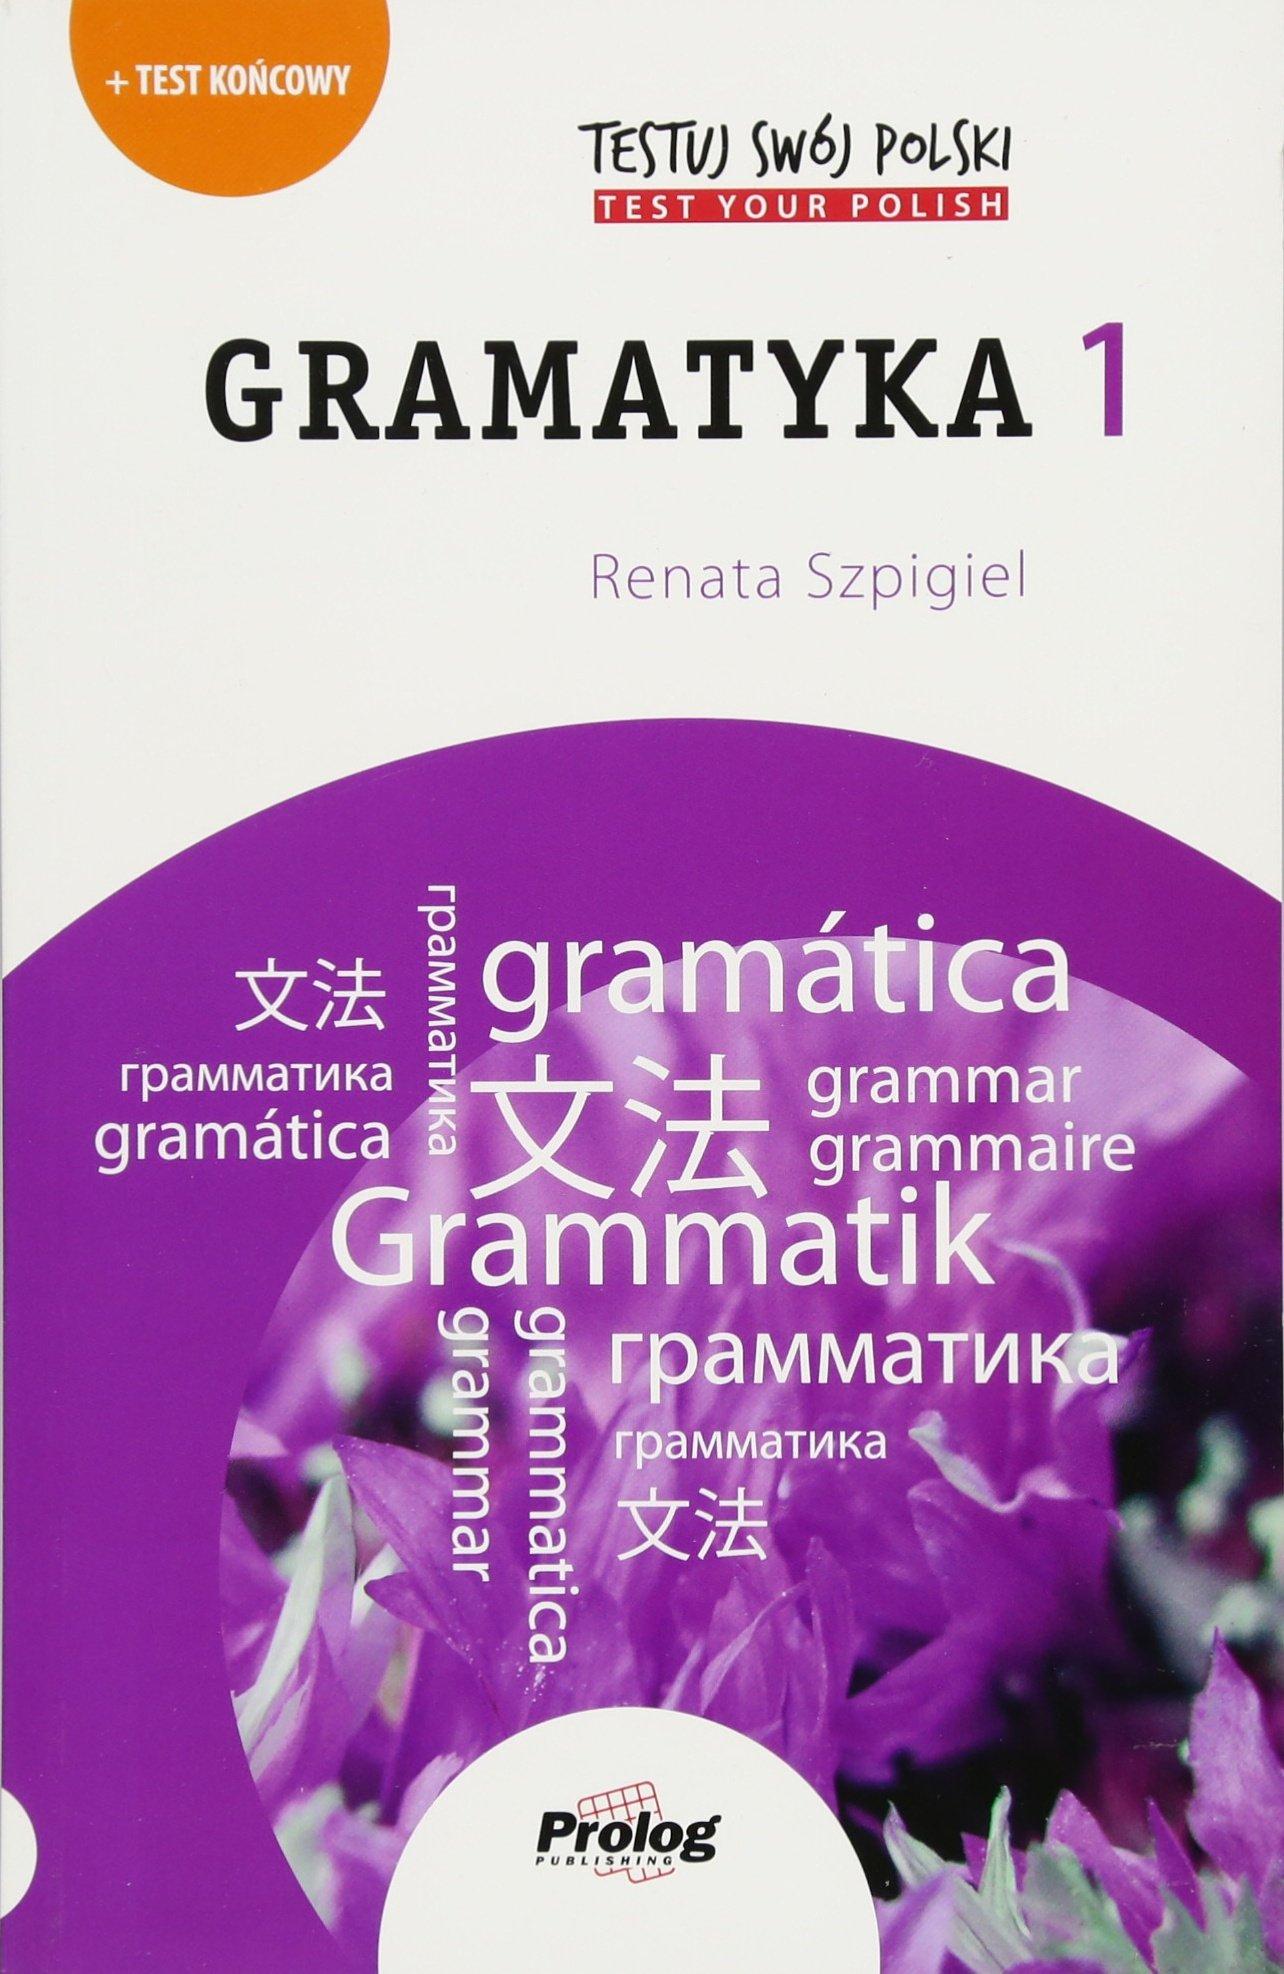 TESTUJ SWOJ POLSKI Gramatyka 1